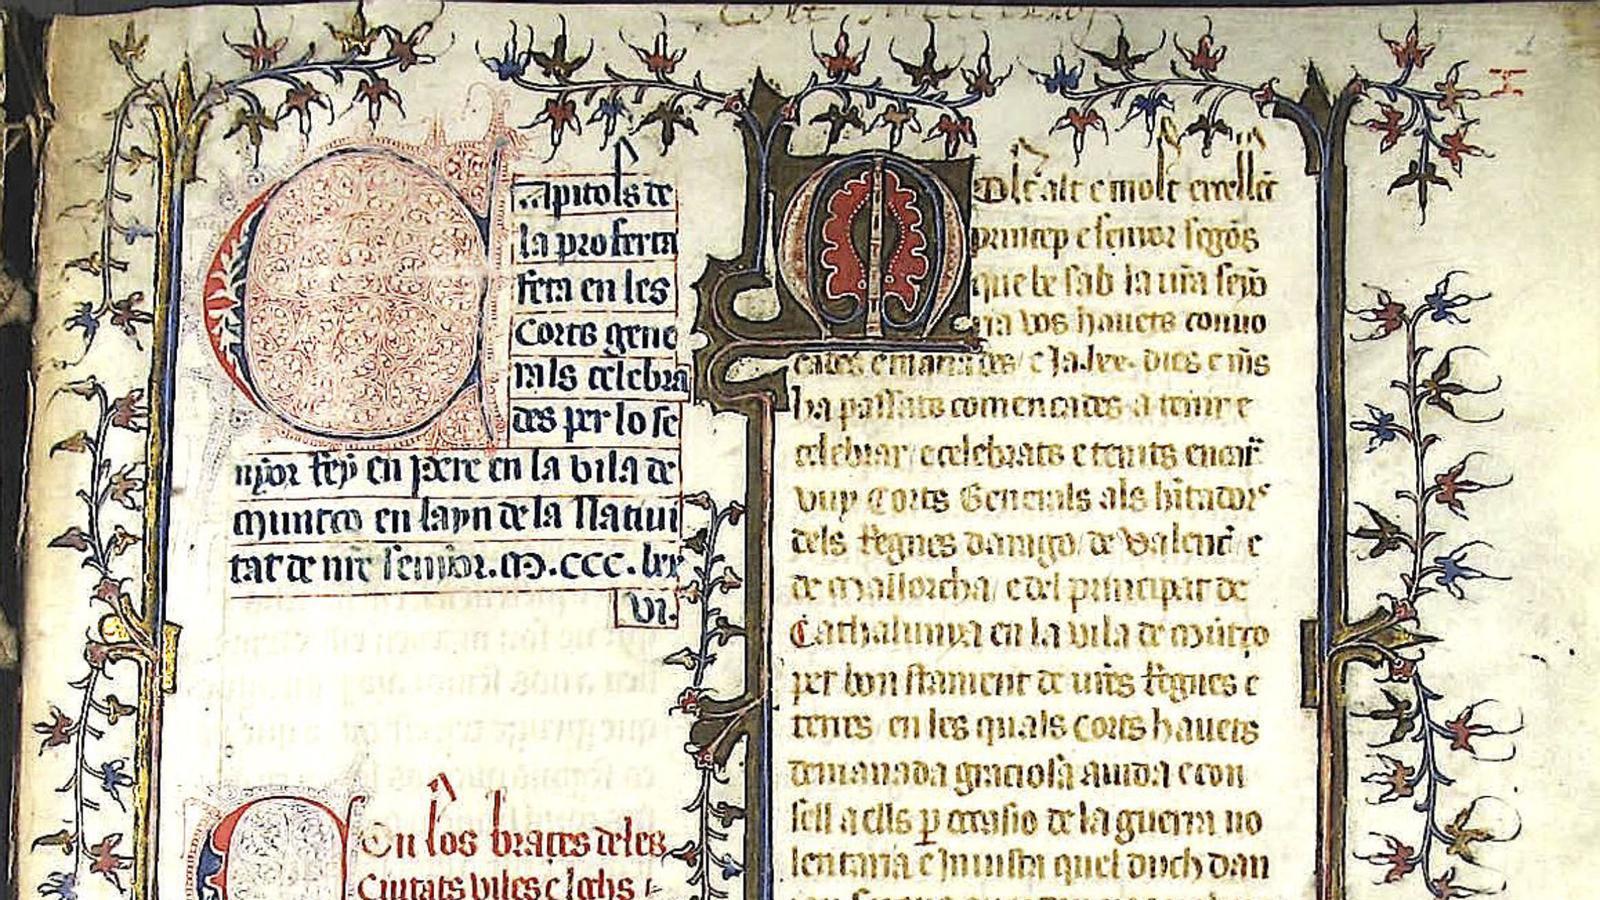 Localitzen el manuscrit amb els orígens de la Generalitat de Catalunya